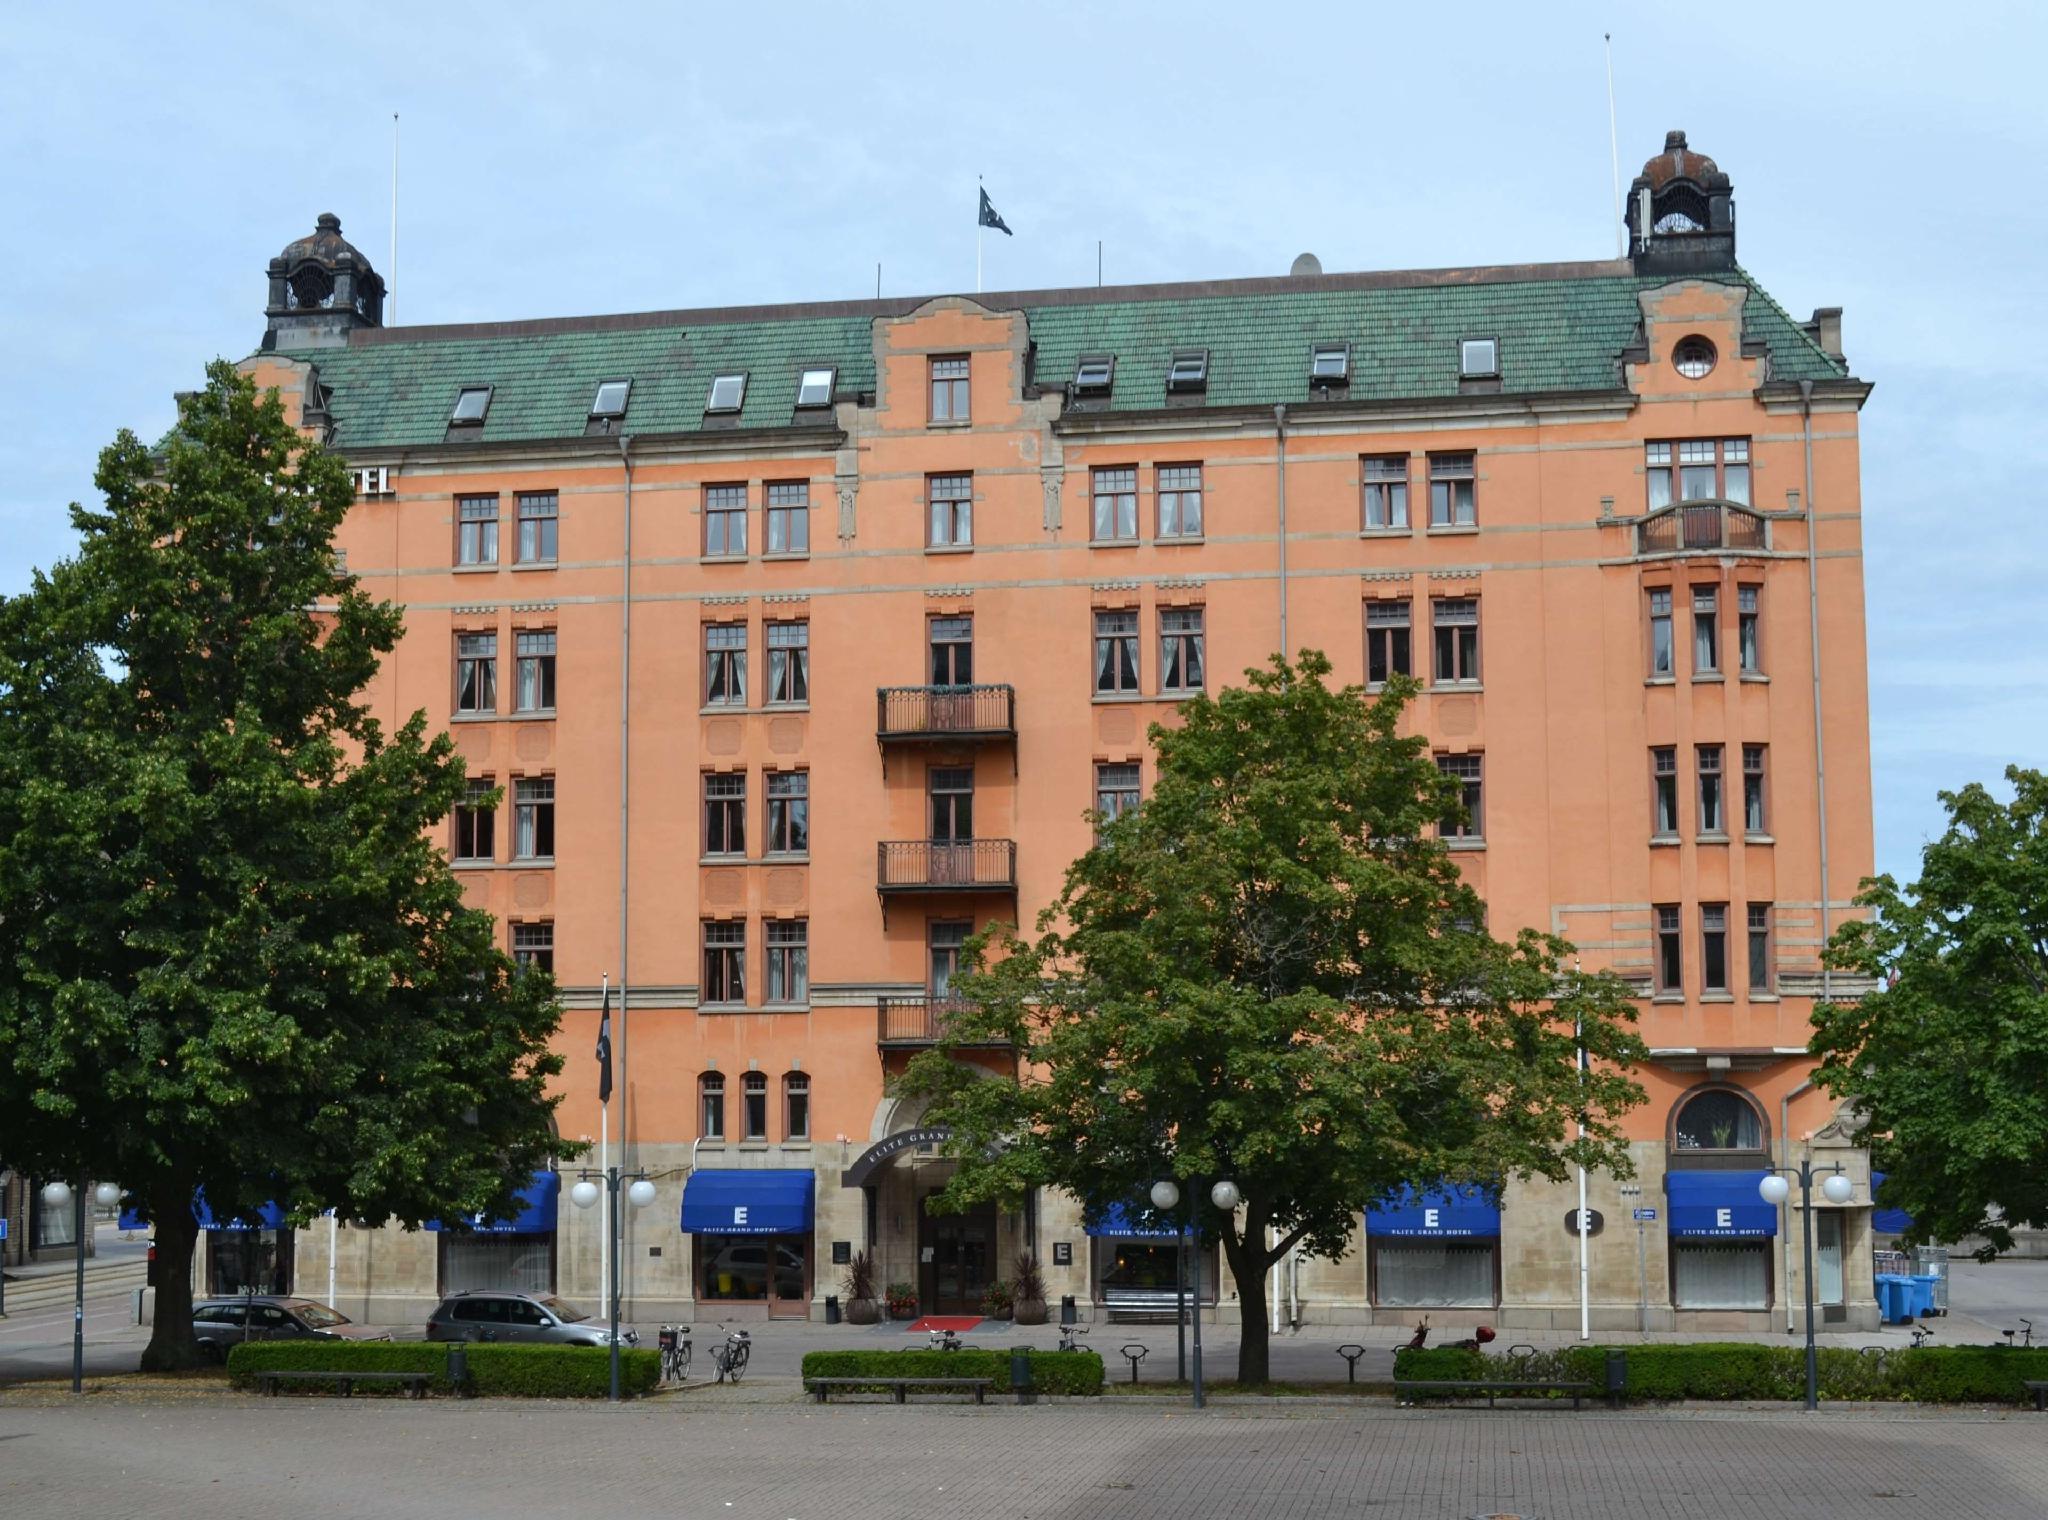 Elite Grand Hotel Norrkoping, Norrköping